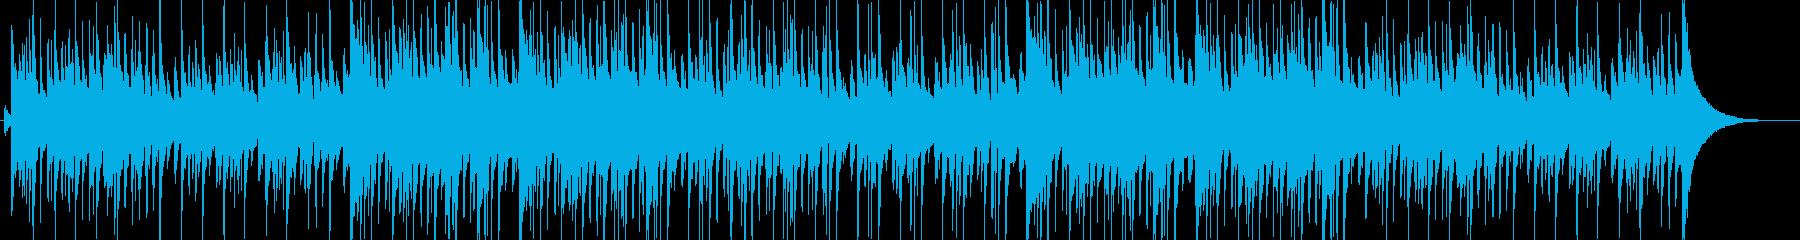 クリスマスクラシックの非常に魅力的...の再生済みの波形